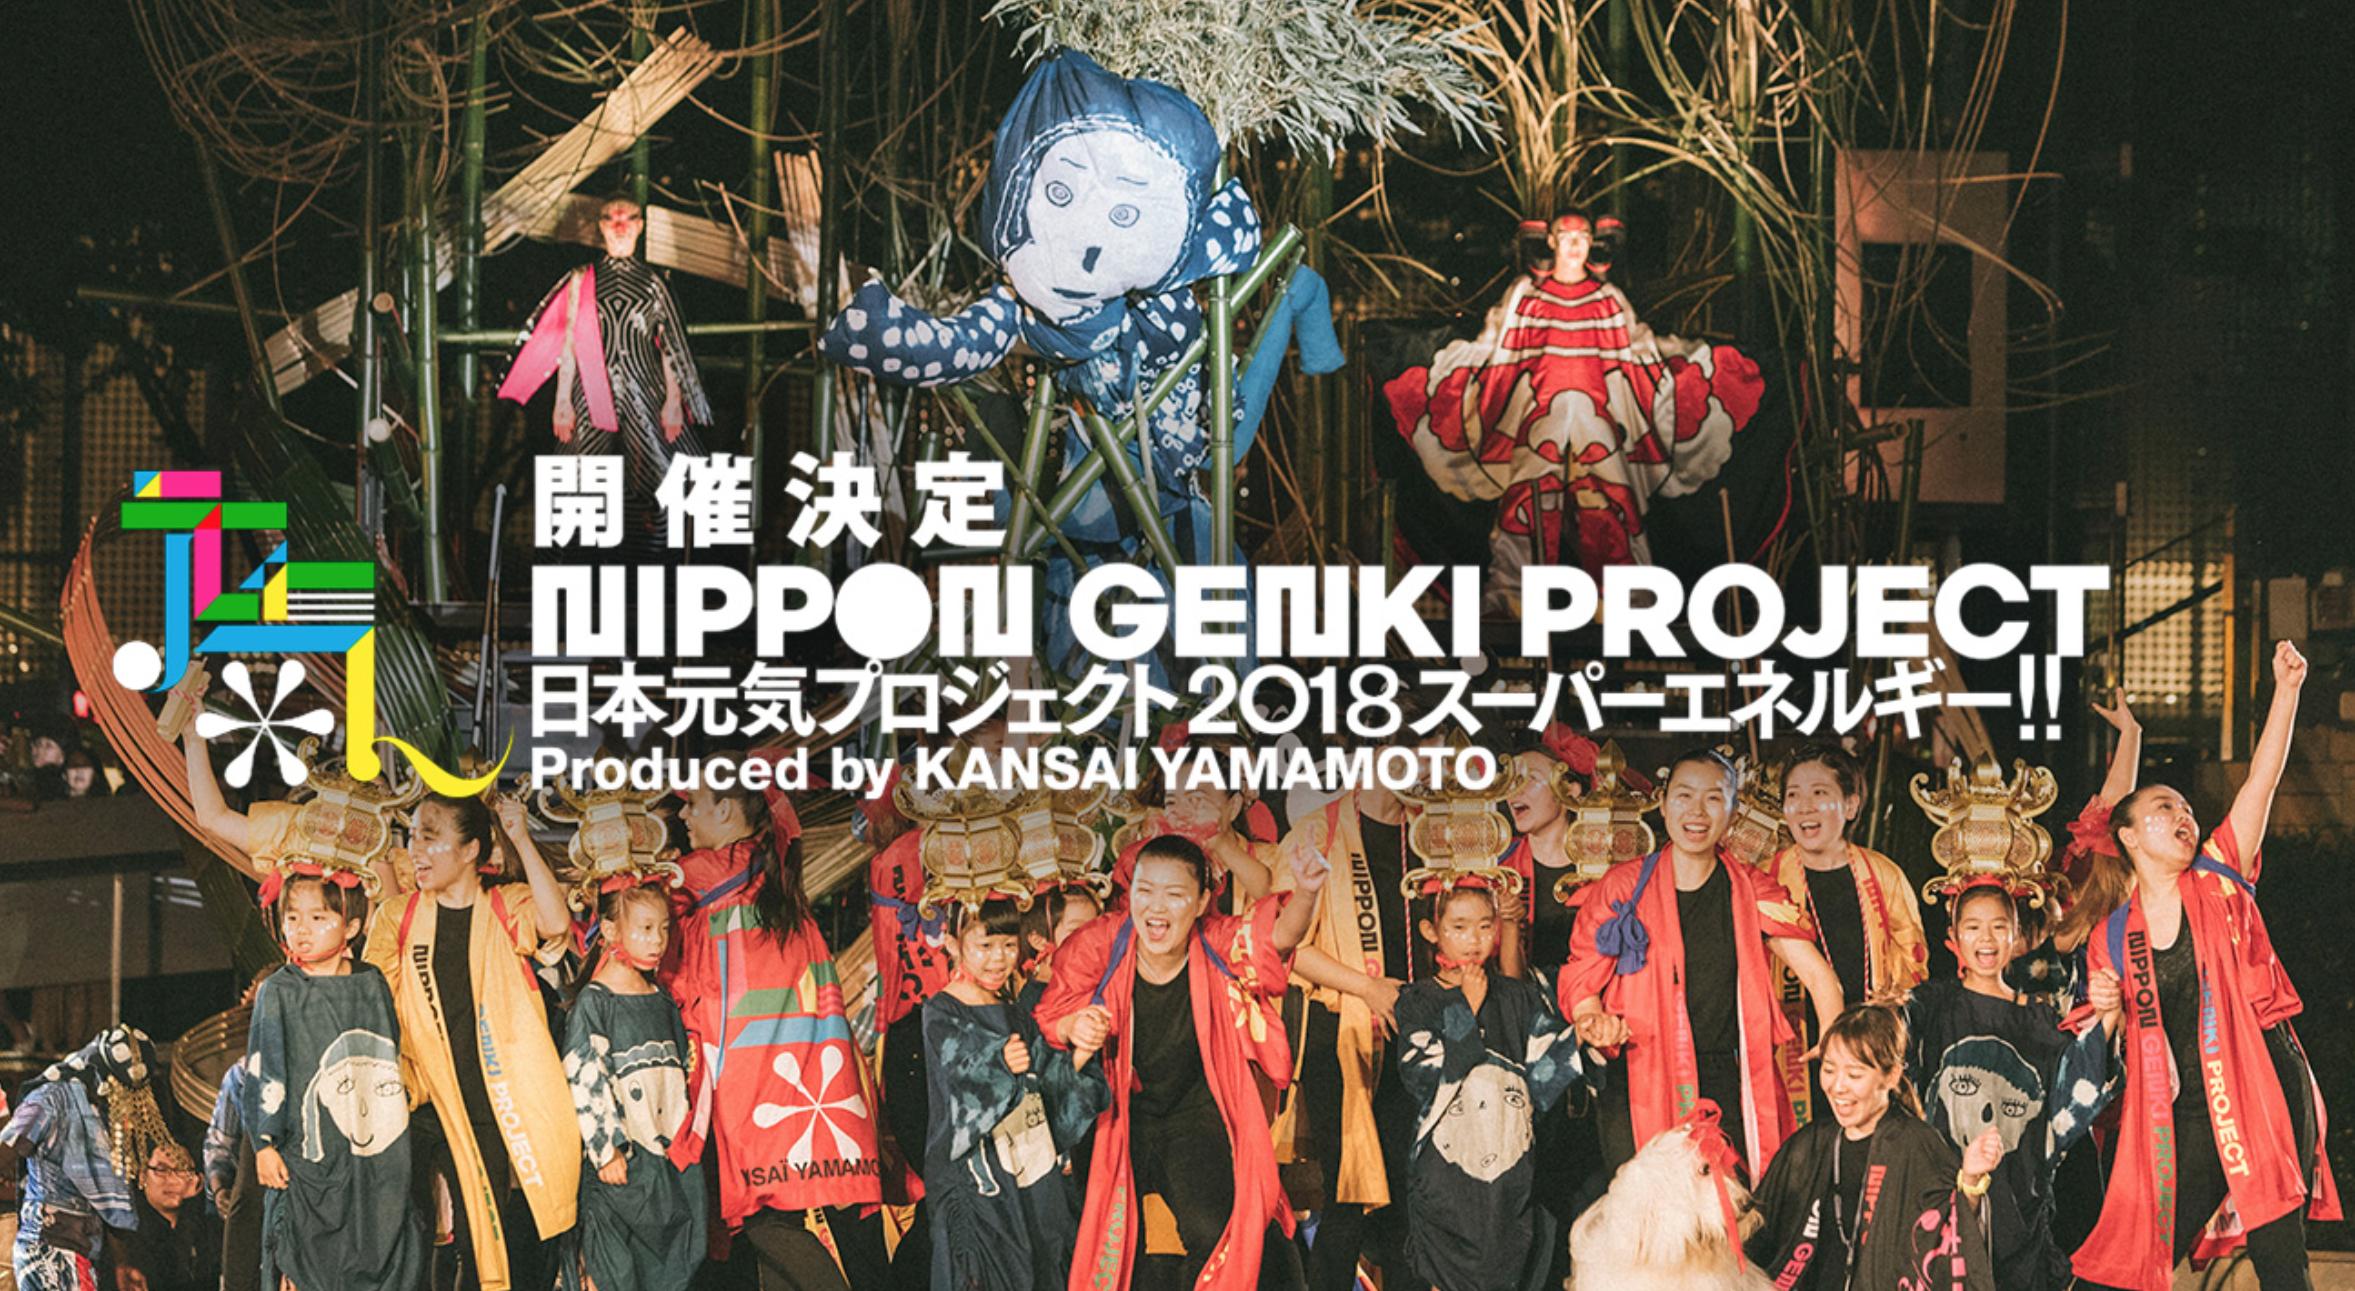 6月9日(土)六本木にて⼭本寛斎さん主催【ニッポン元気プロジェクト2018】に参加致します。